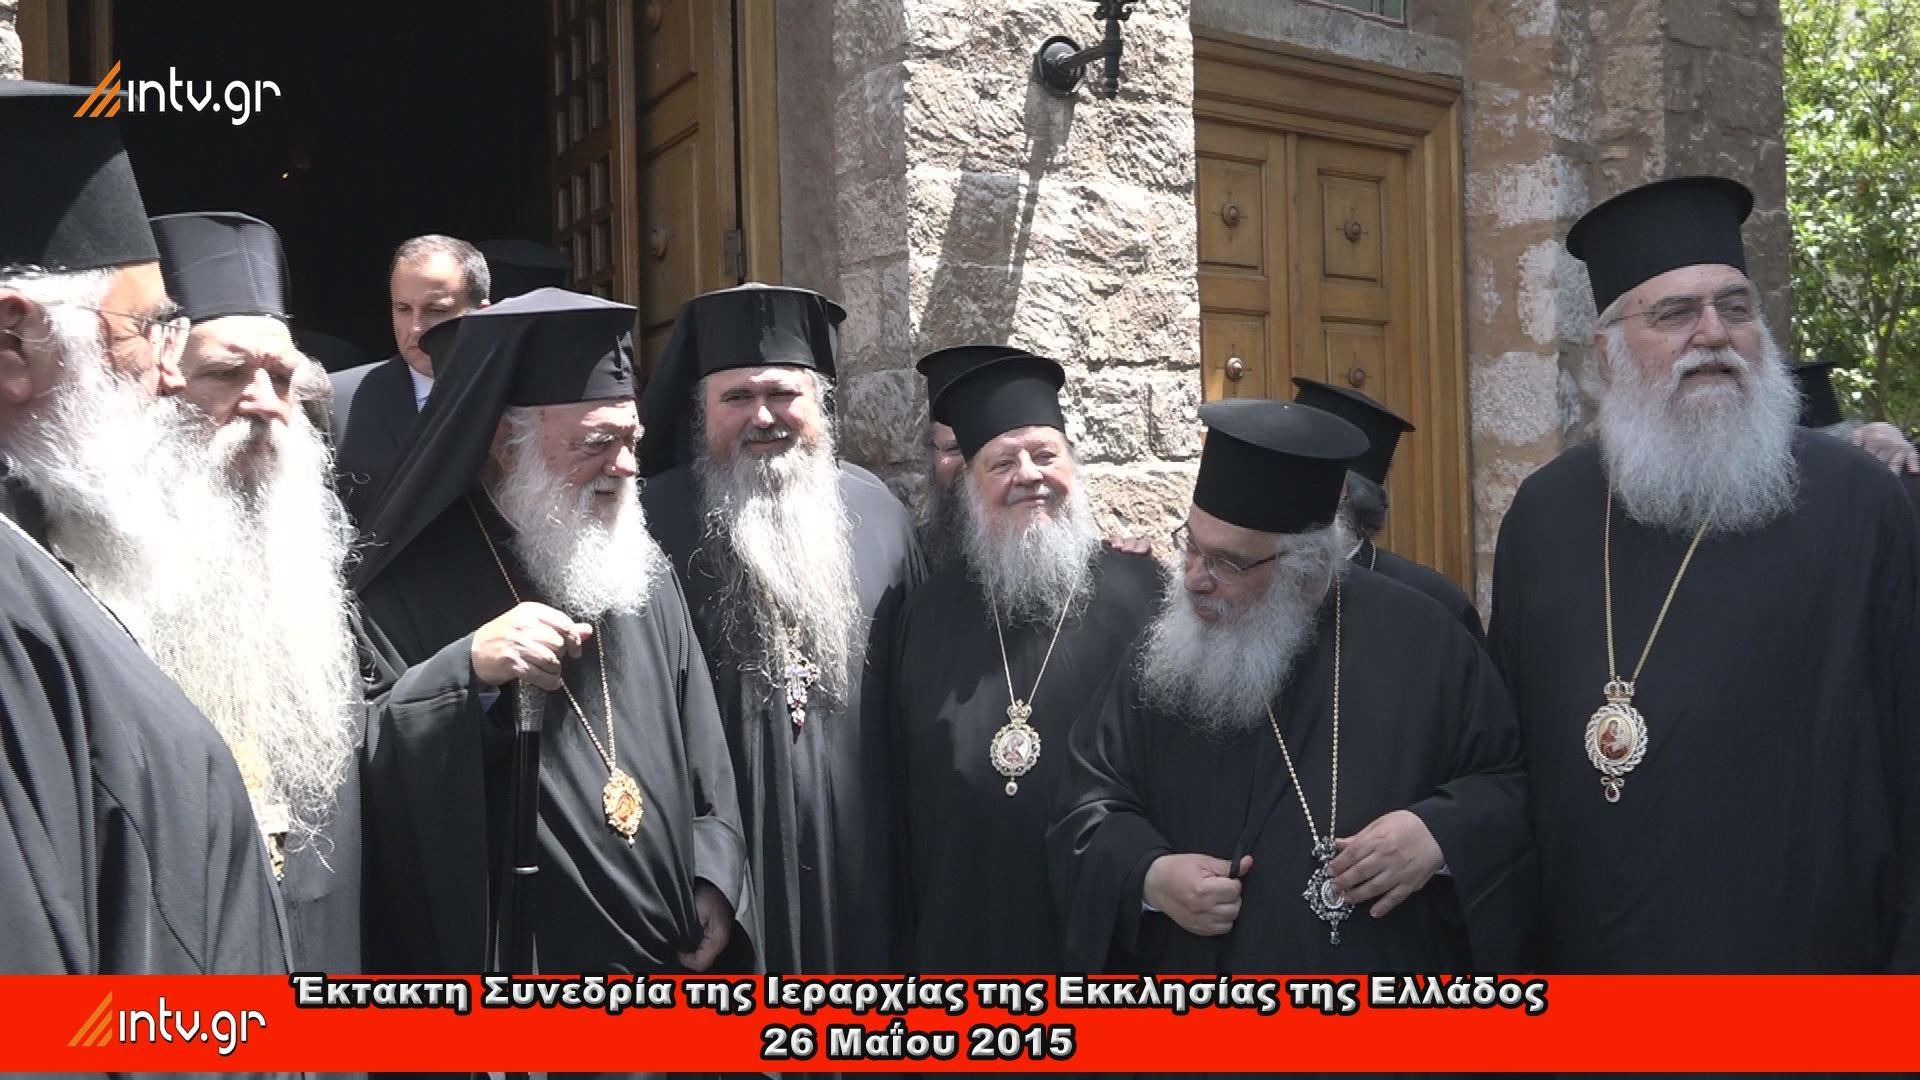 Έκτακτη Συνεδρία της Ιεραρχίας της Εκκλησίας της Ελλάδος  26-5-2015